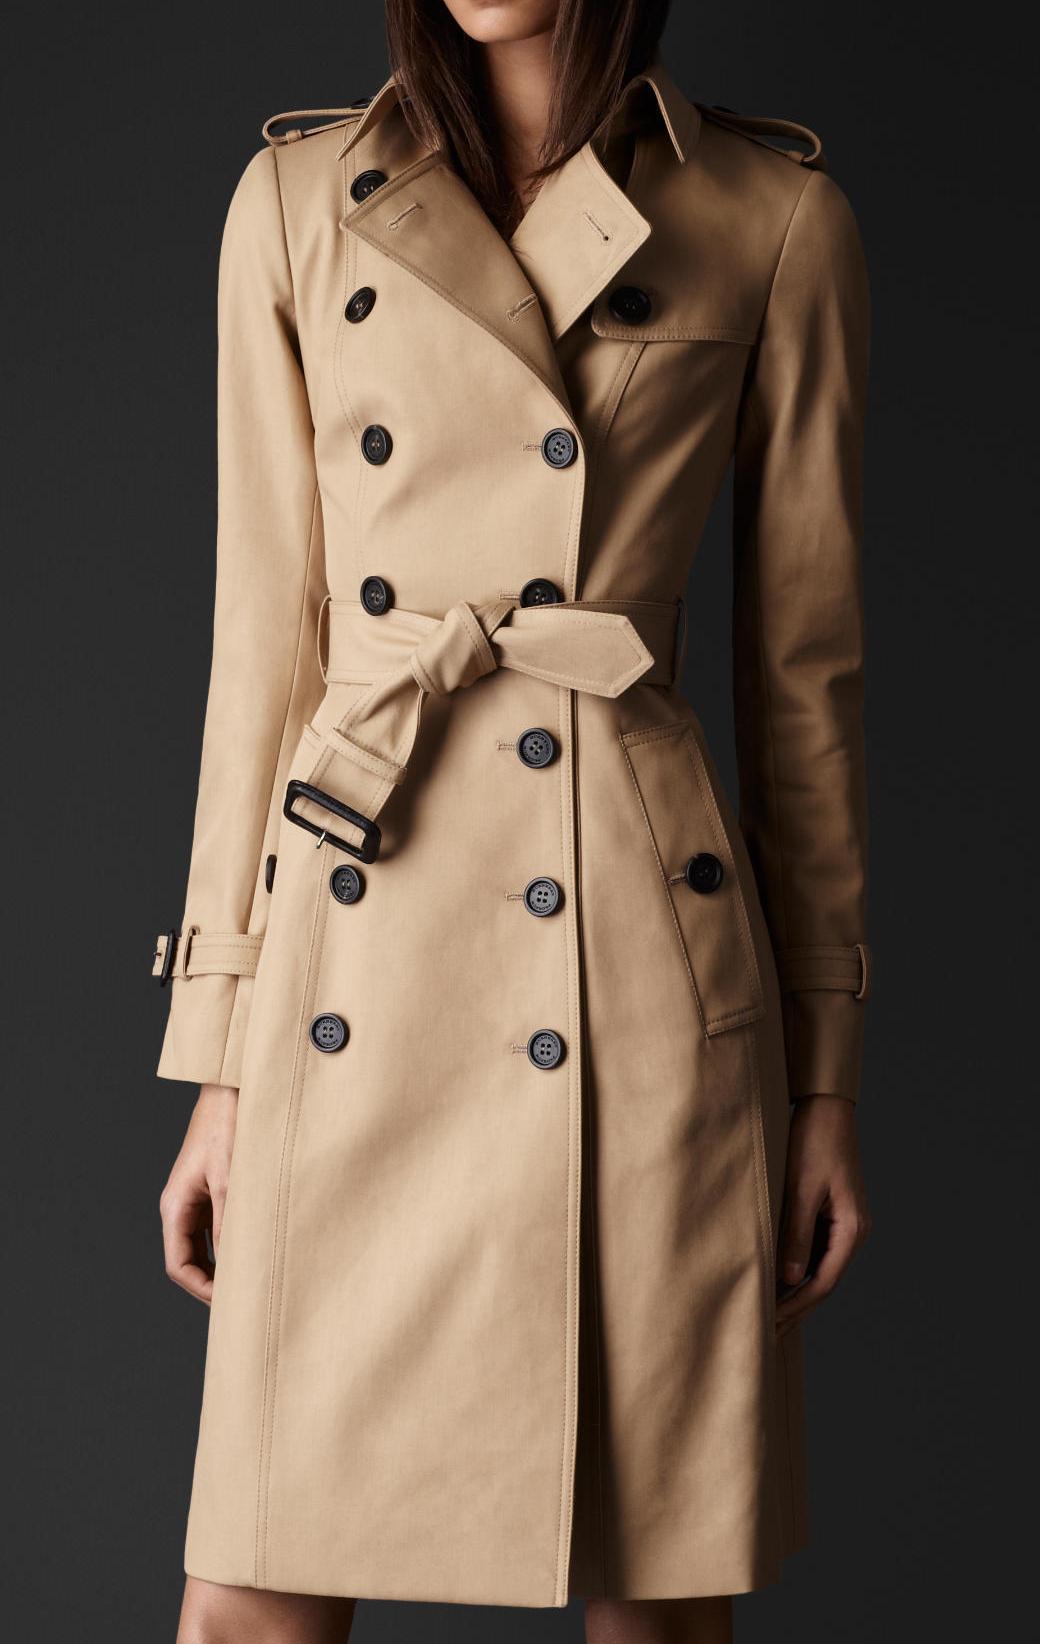 英國代購burberry巴寶莉prorsum女裝風衣 雙排扣肩章時尚44881131圖片